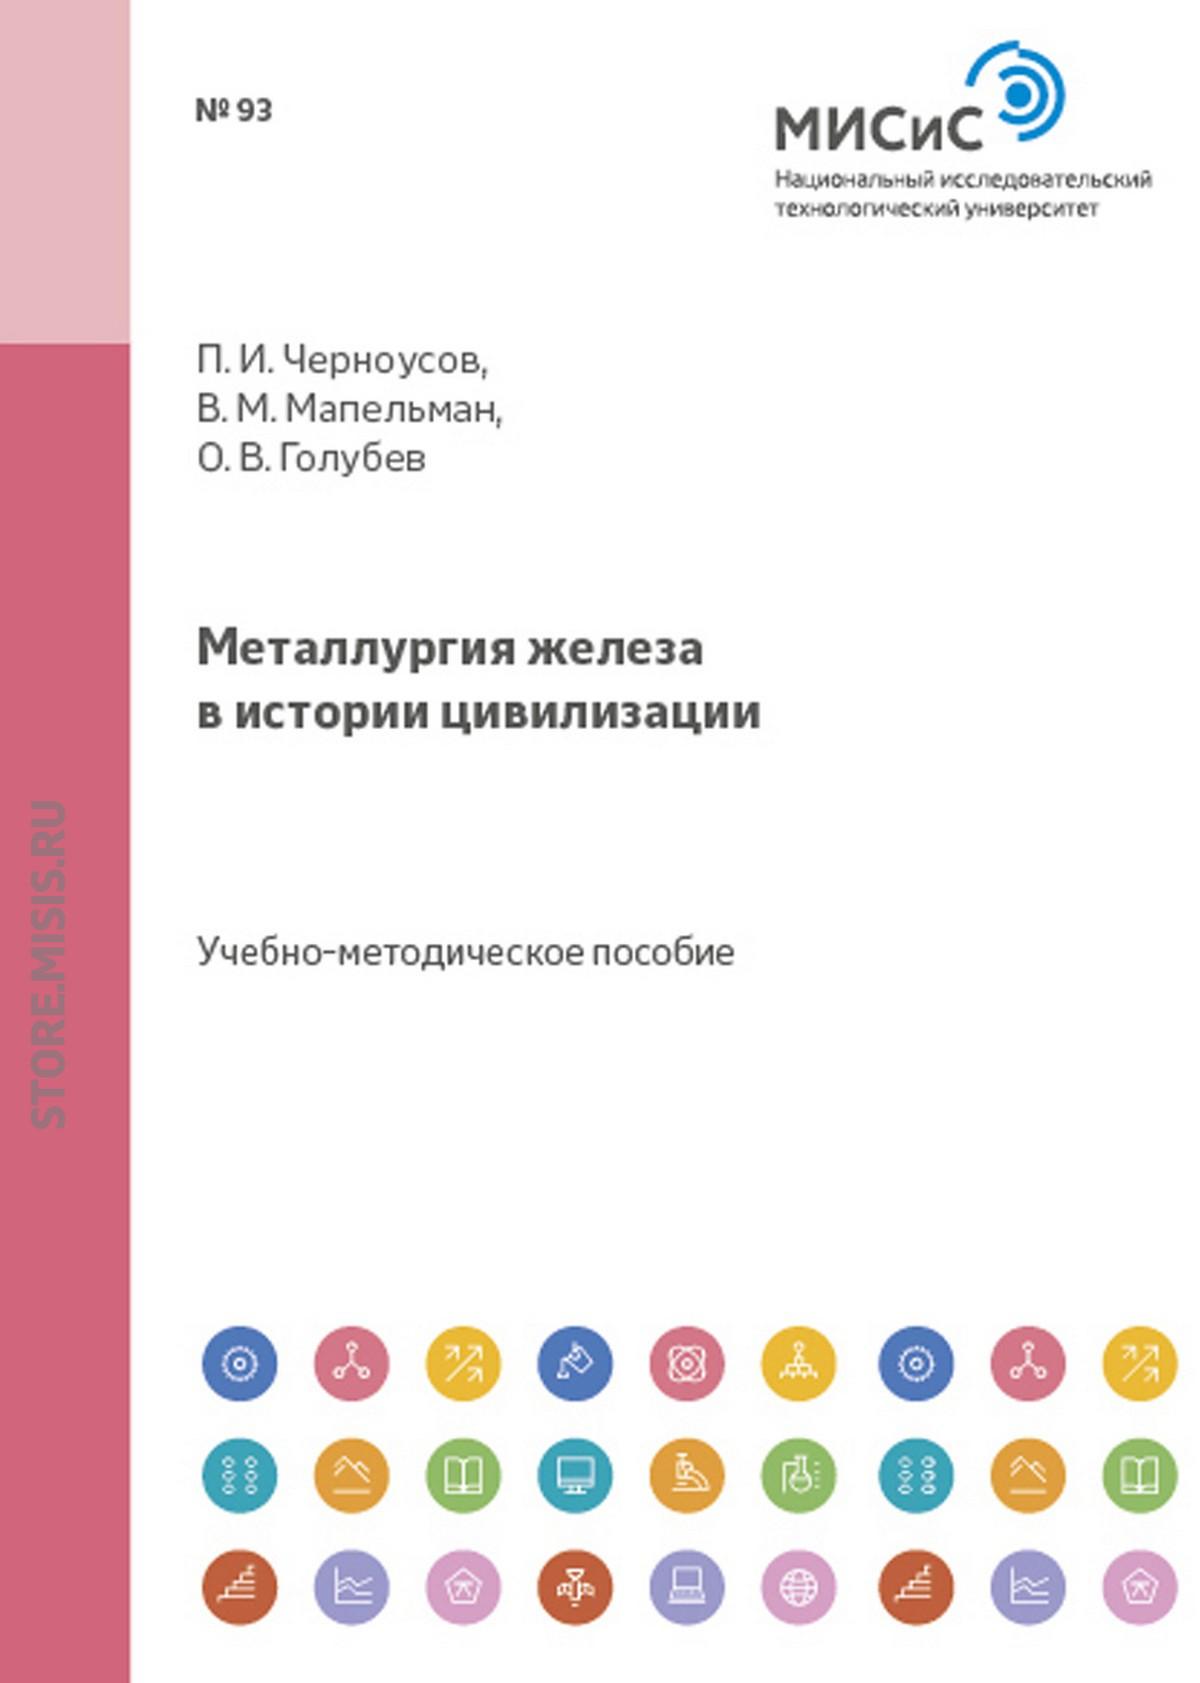 Павел Черноусов Металлургия железа в истории цивилизации